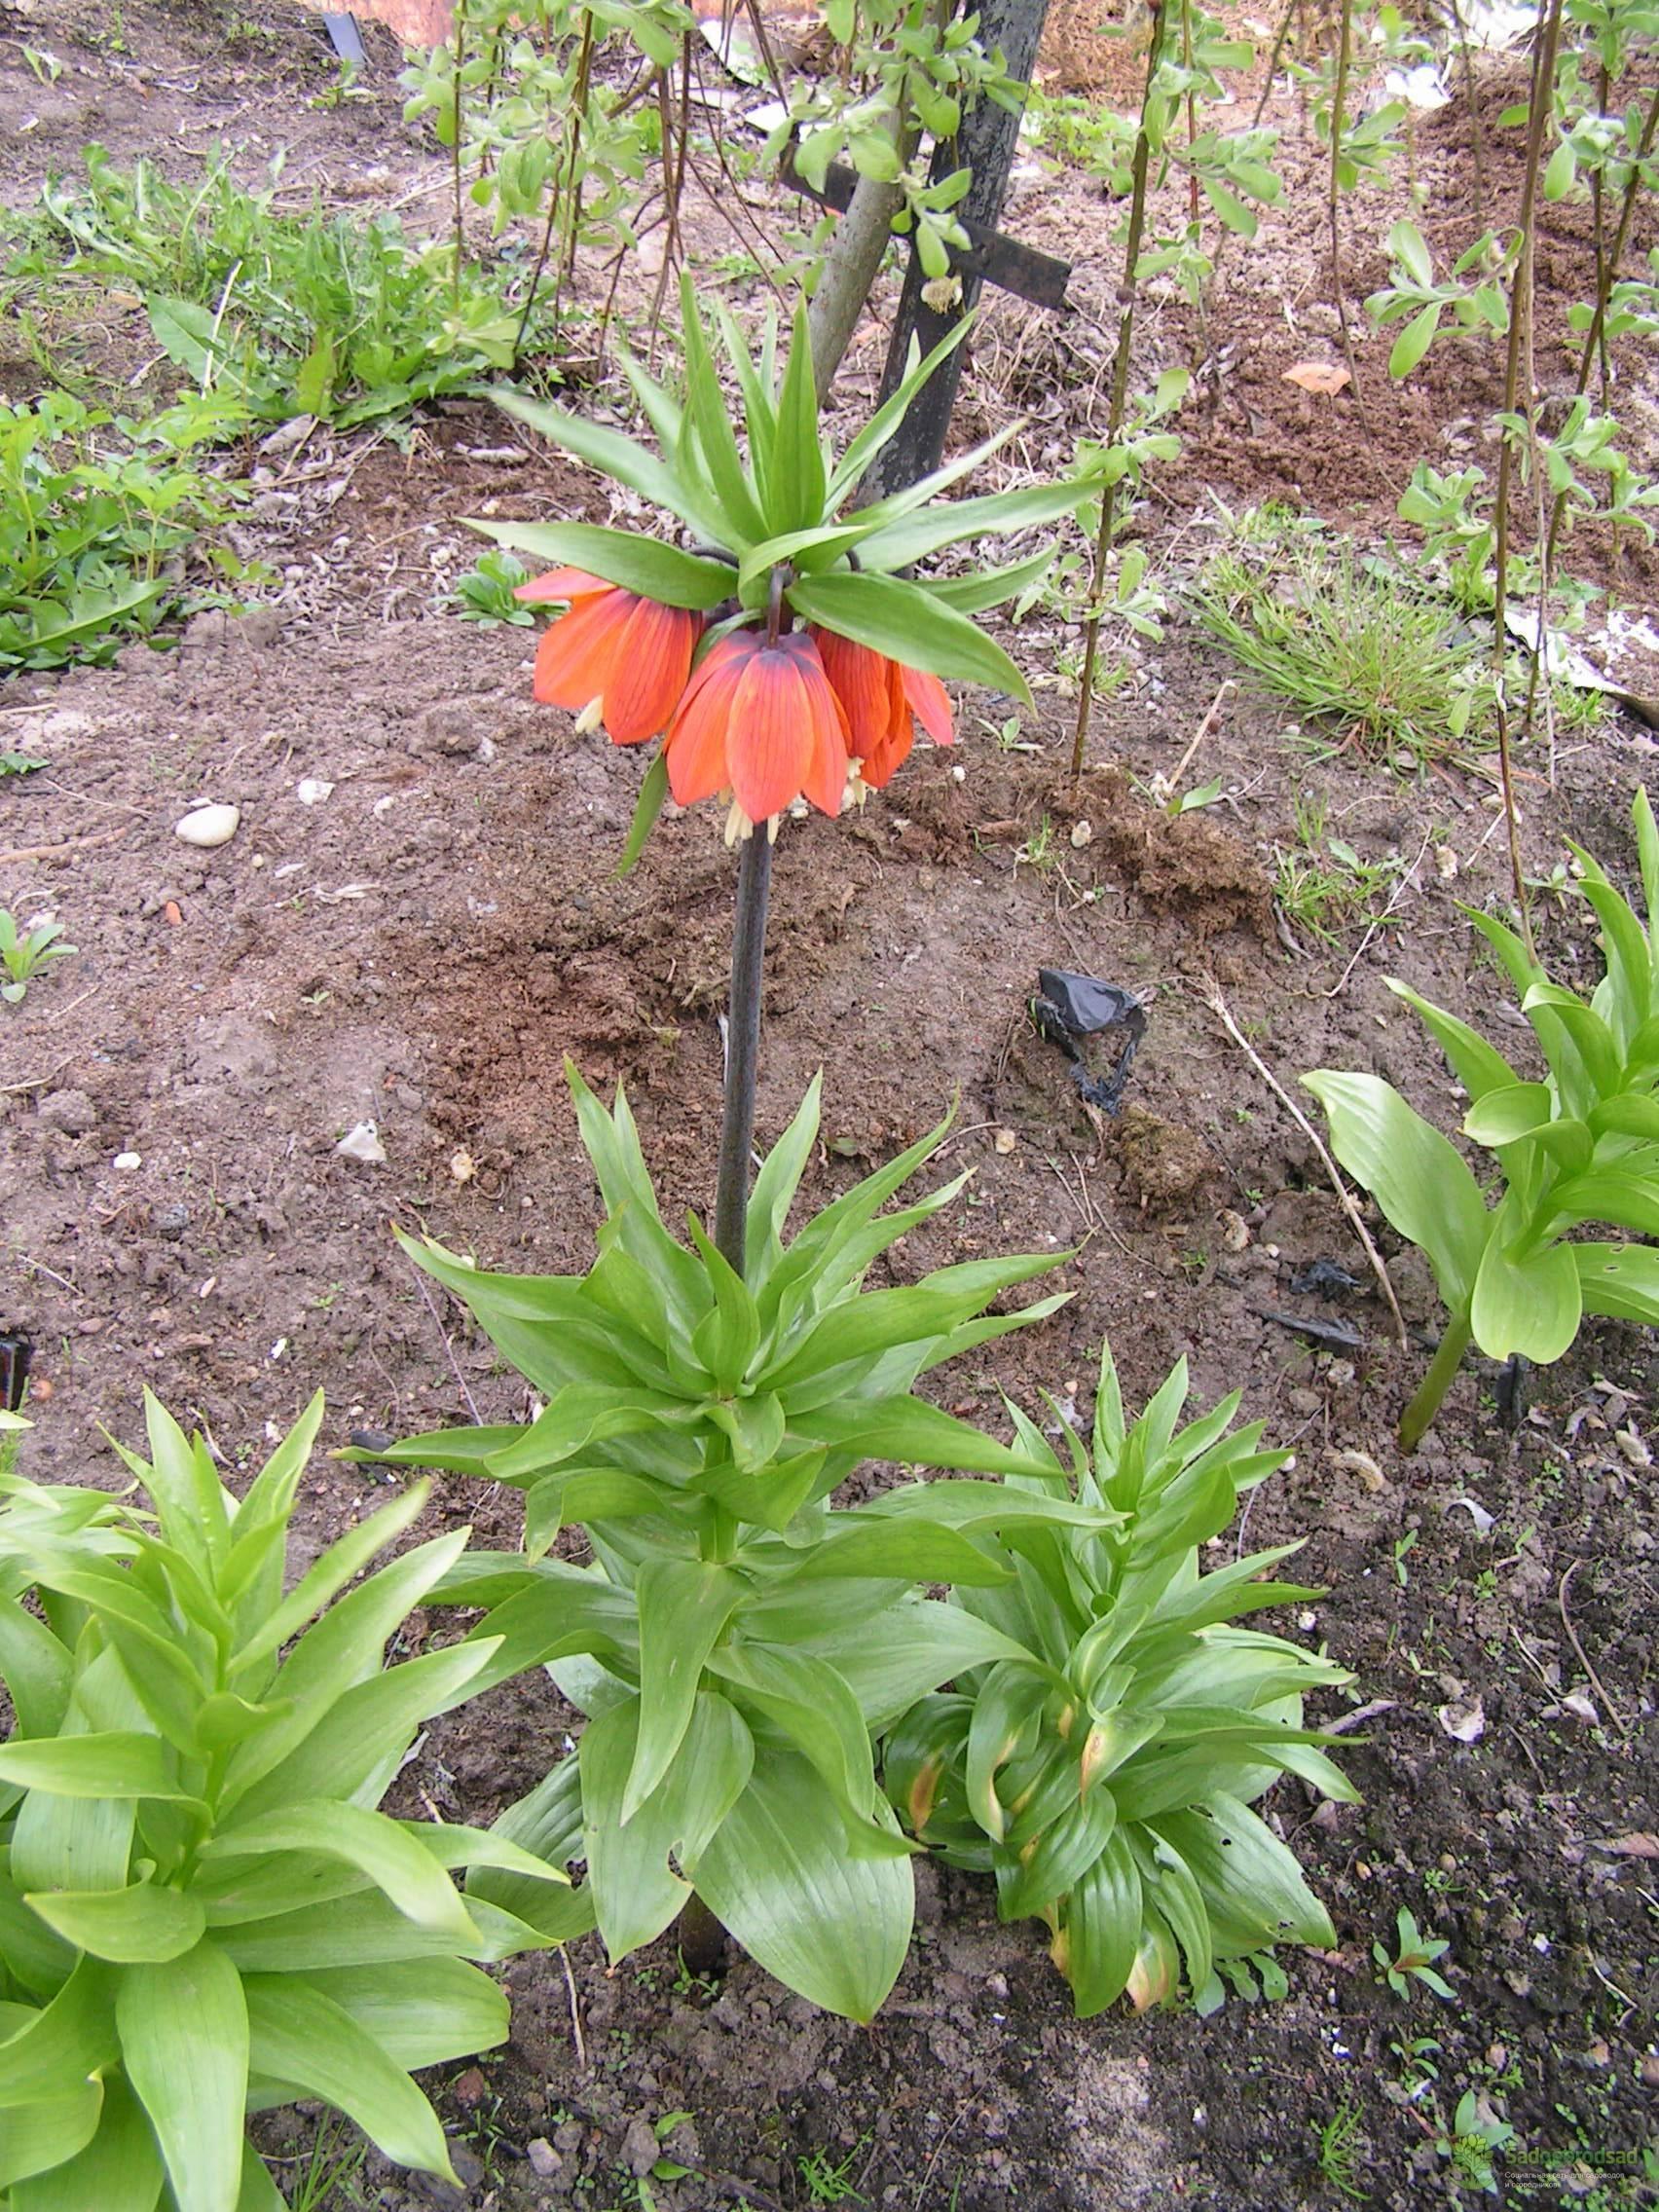 Цветок рябчик: осенняя посадка. как посадить рябчик осенью: подготовка места и почвы, выбор посадочного материала